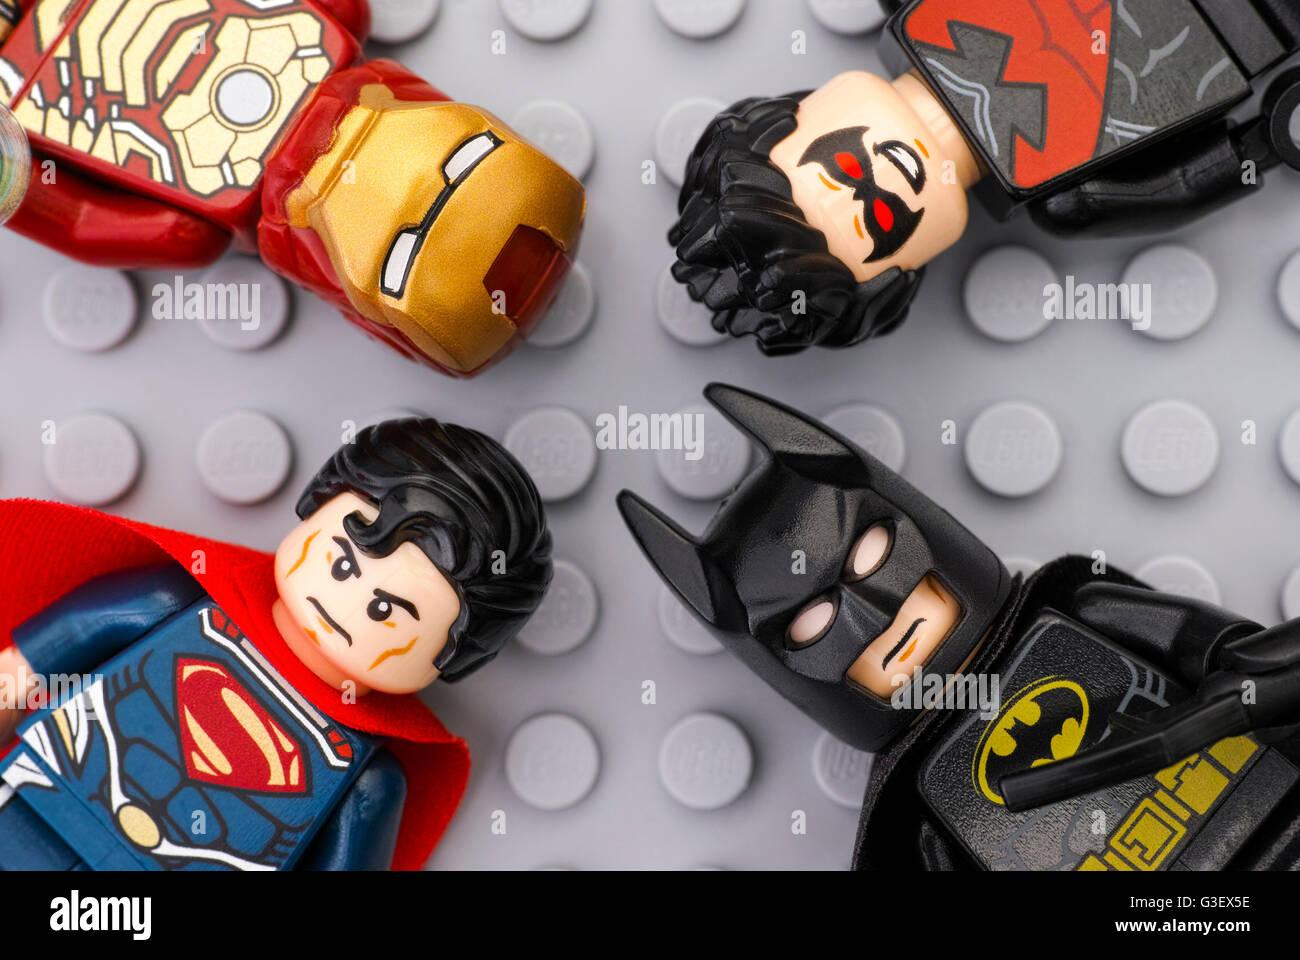 Vier Lego Superhelden - Ironman, Batman, Superman, Nightwing - Minifiguren auf Lego grauer Grundplatte Hintergrund. Stockfoto